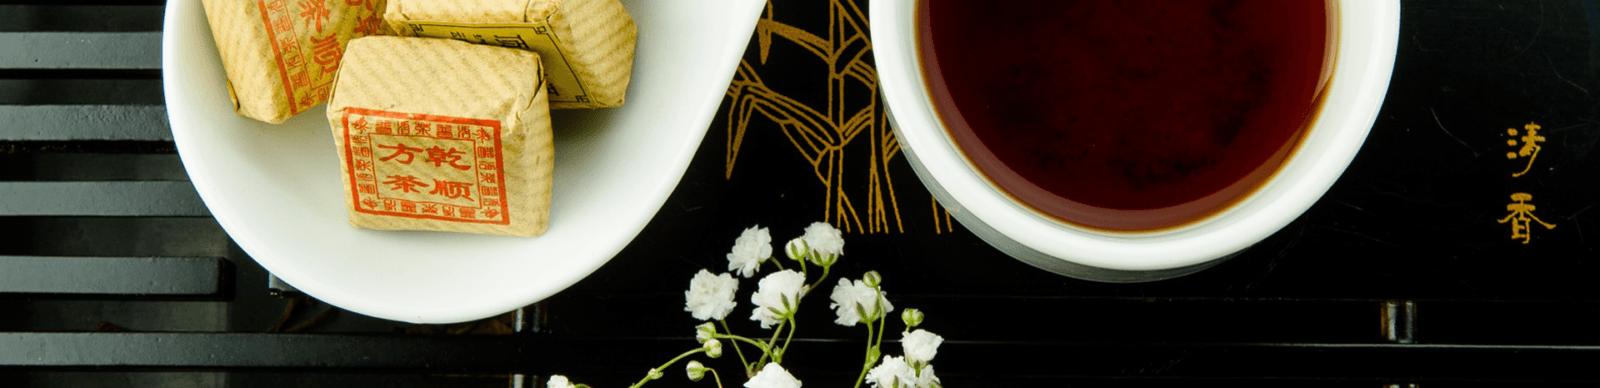 Купить прессованный чай в таблетках оптом и в розницу - магазин чая ПУТЬ ЧАЯ .рф